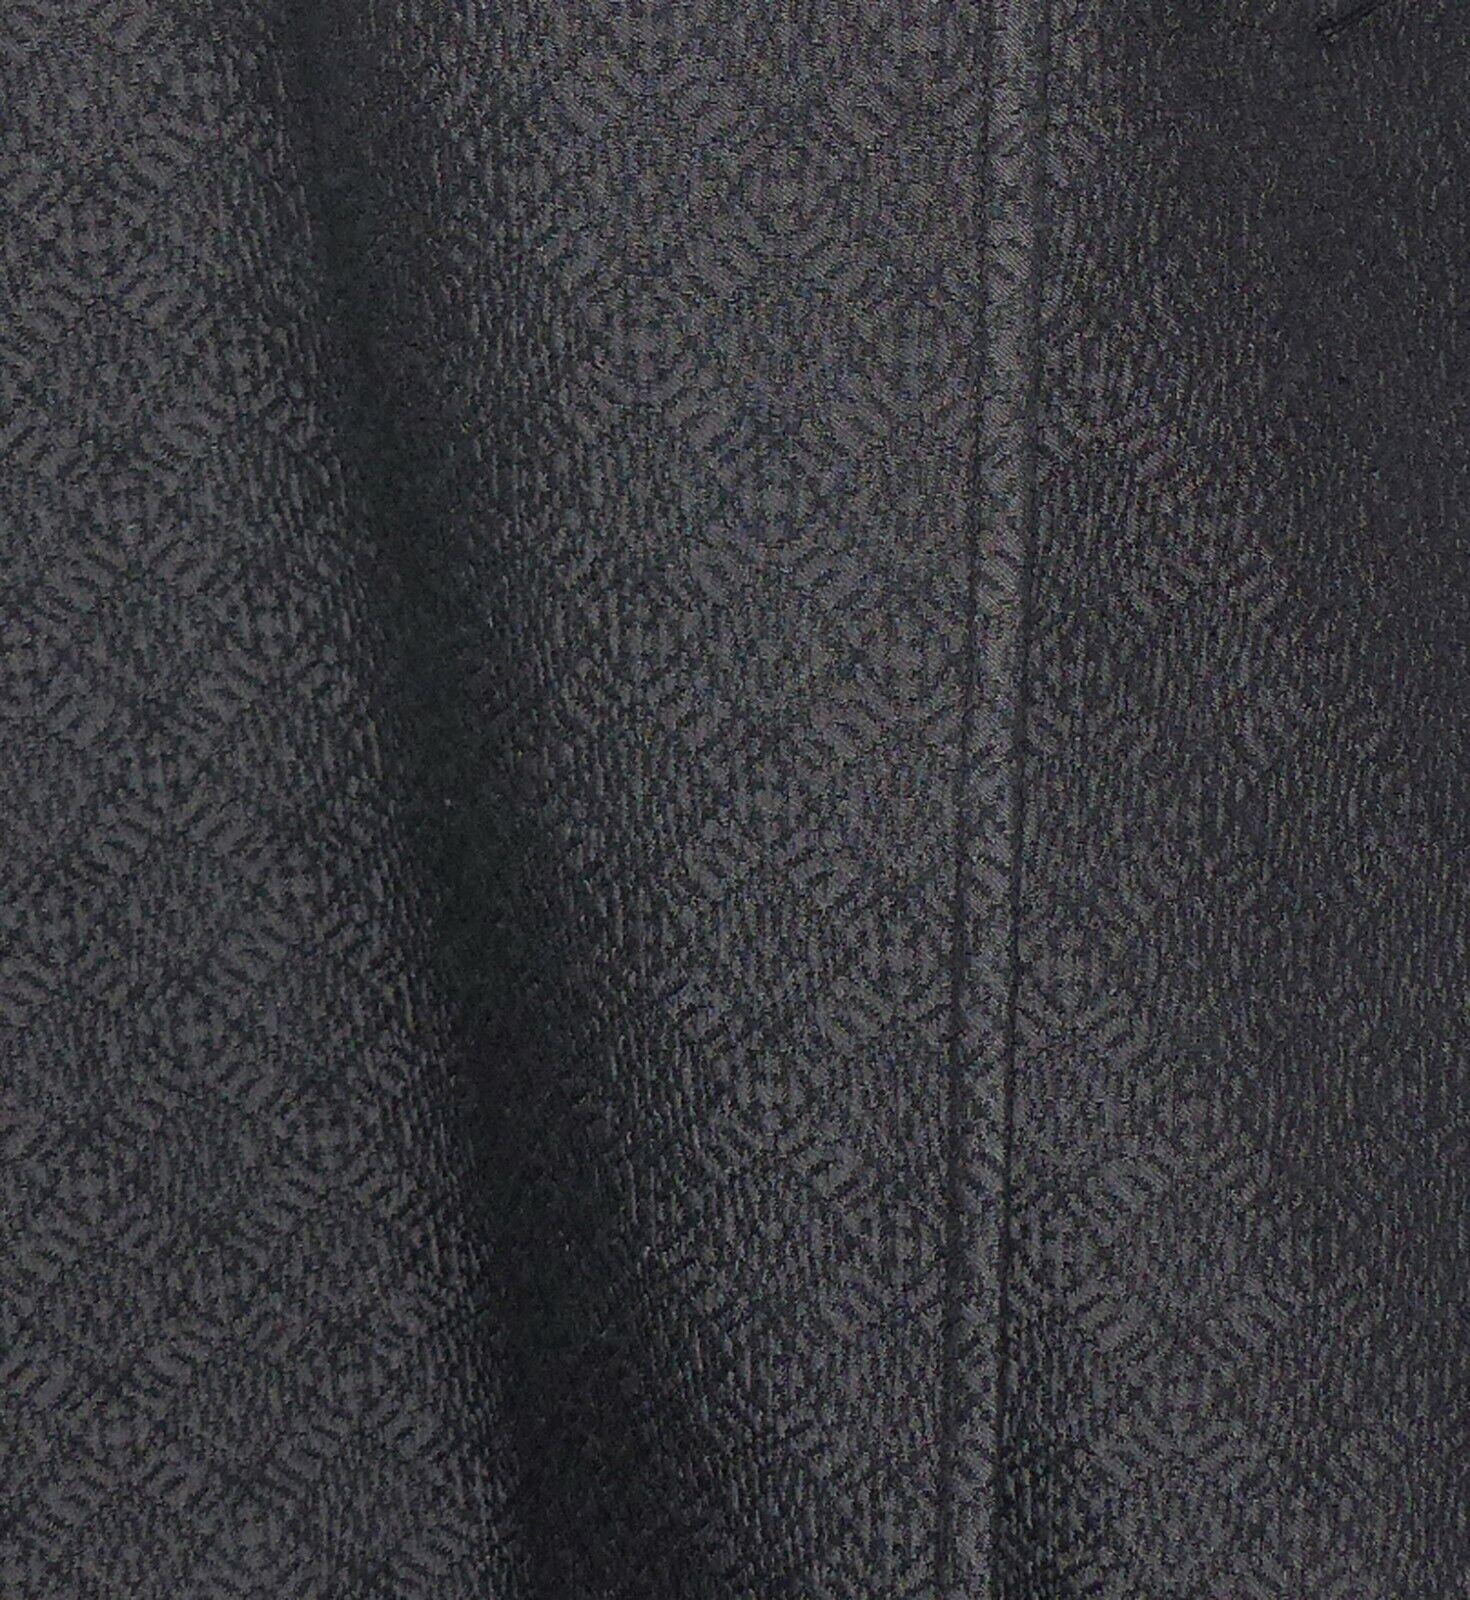 Celine - manteau floquÉ motifs gris anthracite - celine coat